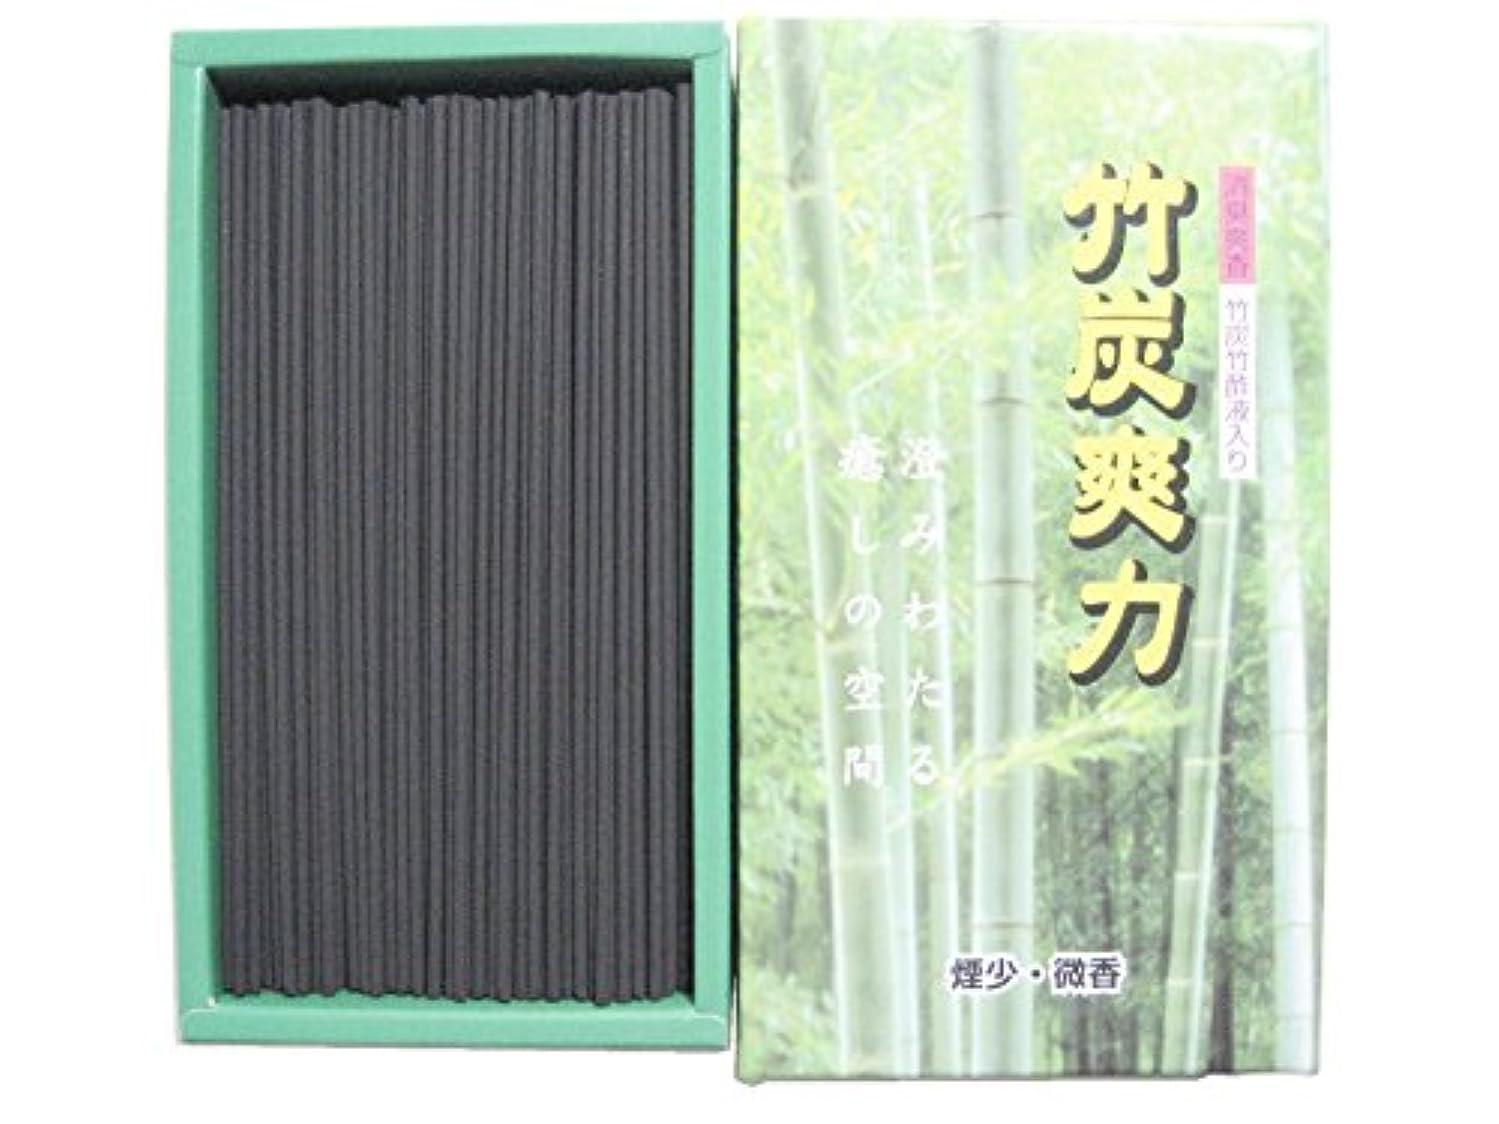 険しいペレット手つかずの淡路梅薫堂の竹炭お線香 竹炭爽力微香 95g #250 ×40